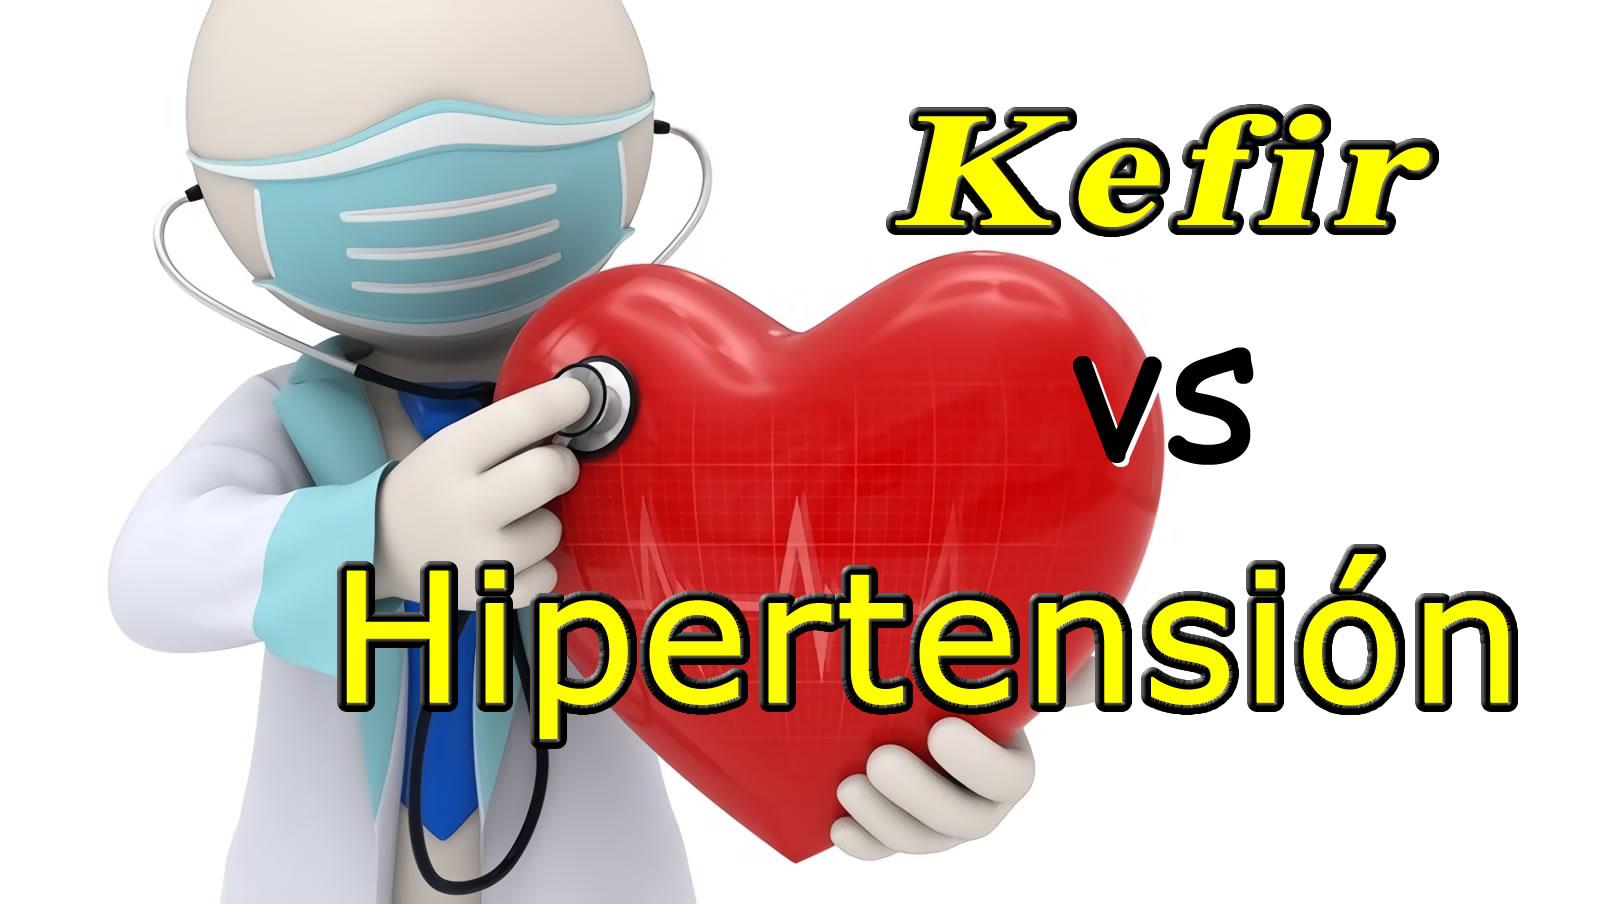 Kefir vs Hipertensión